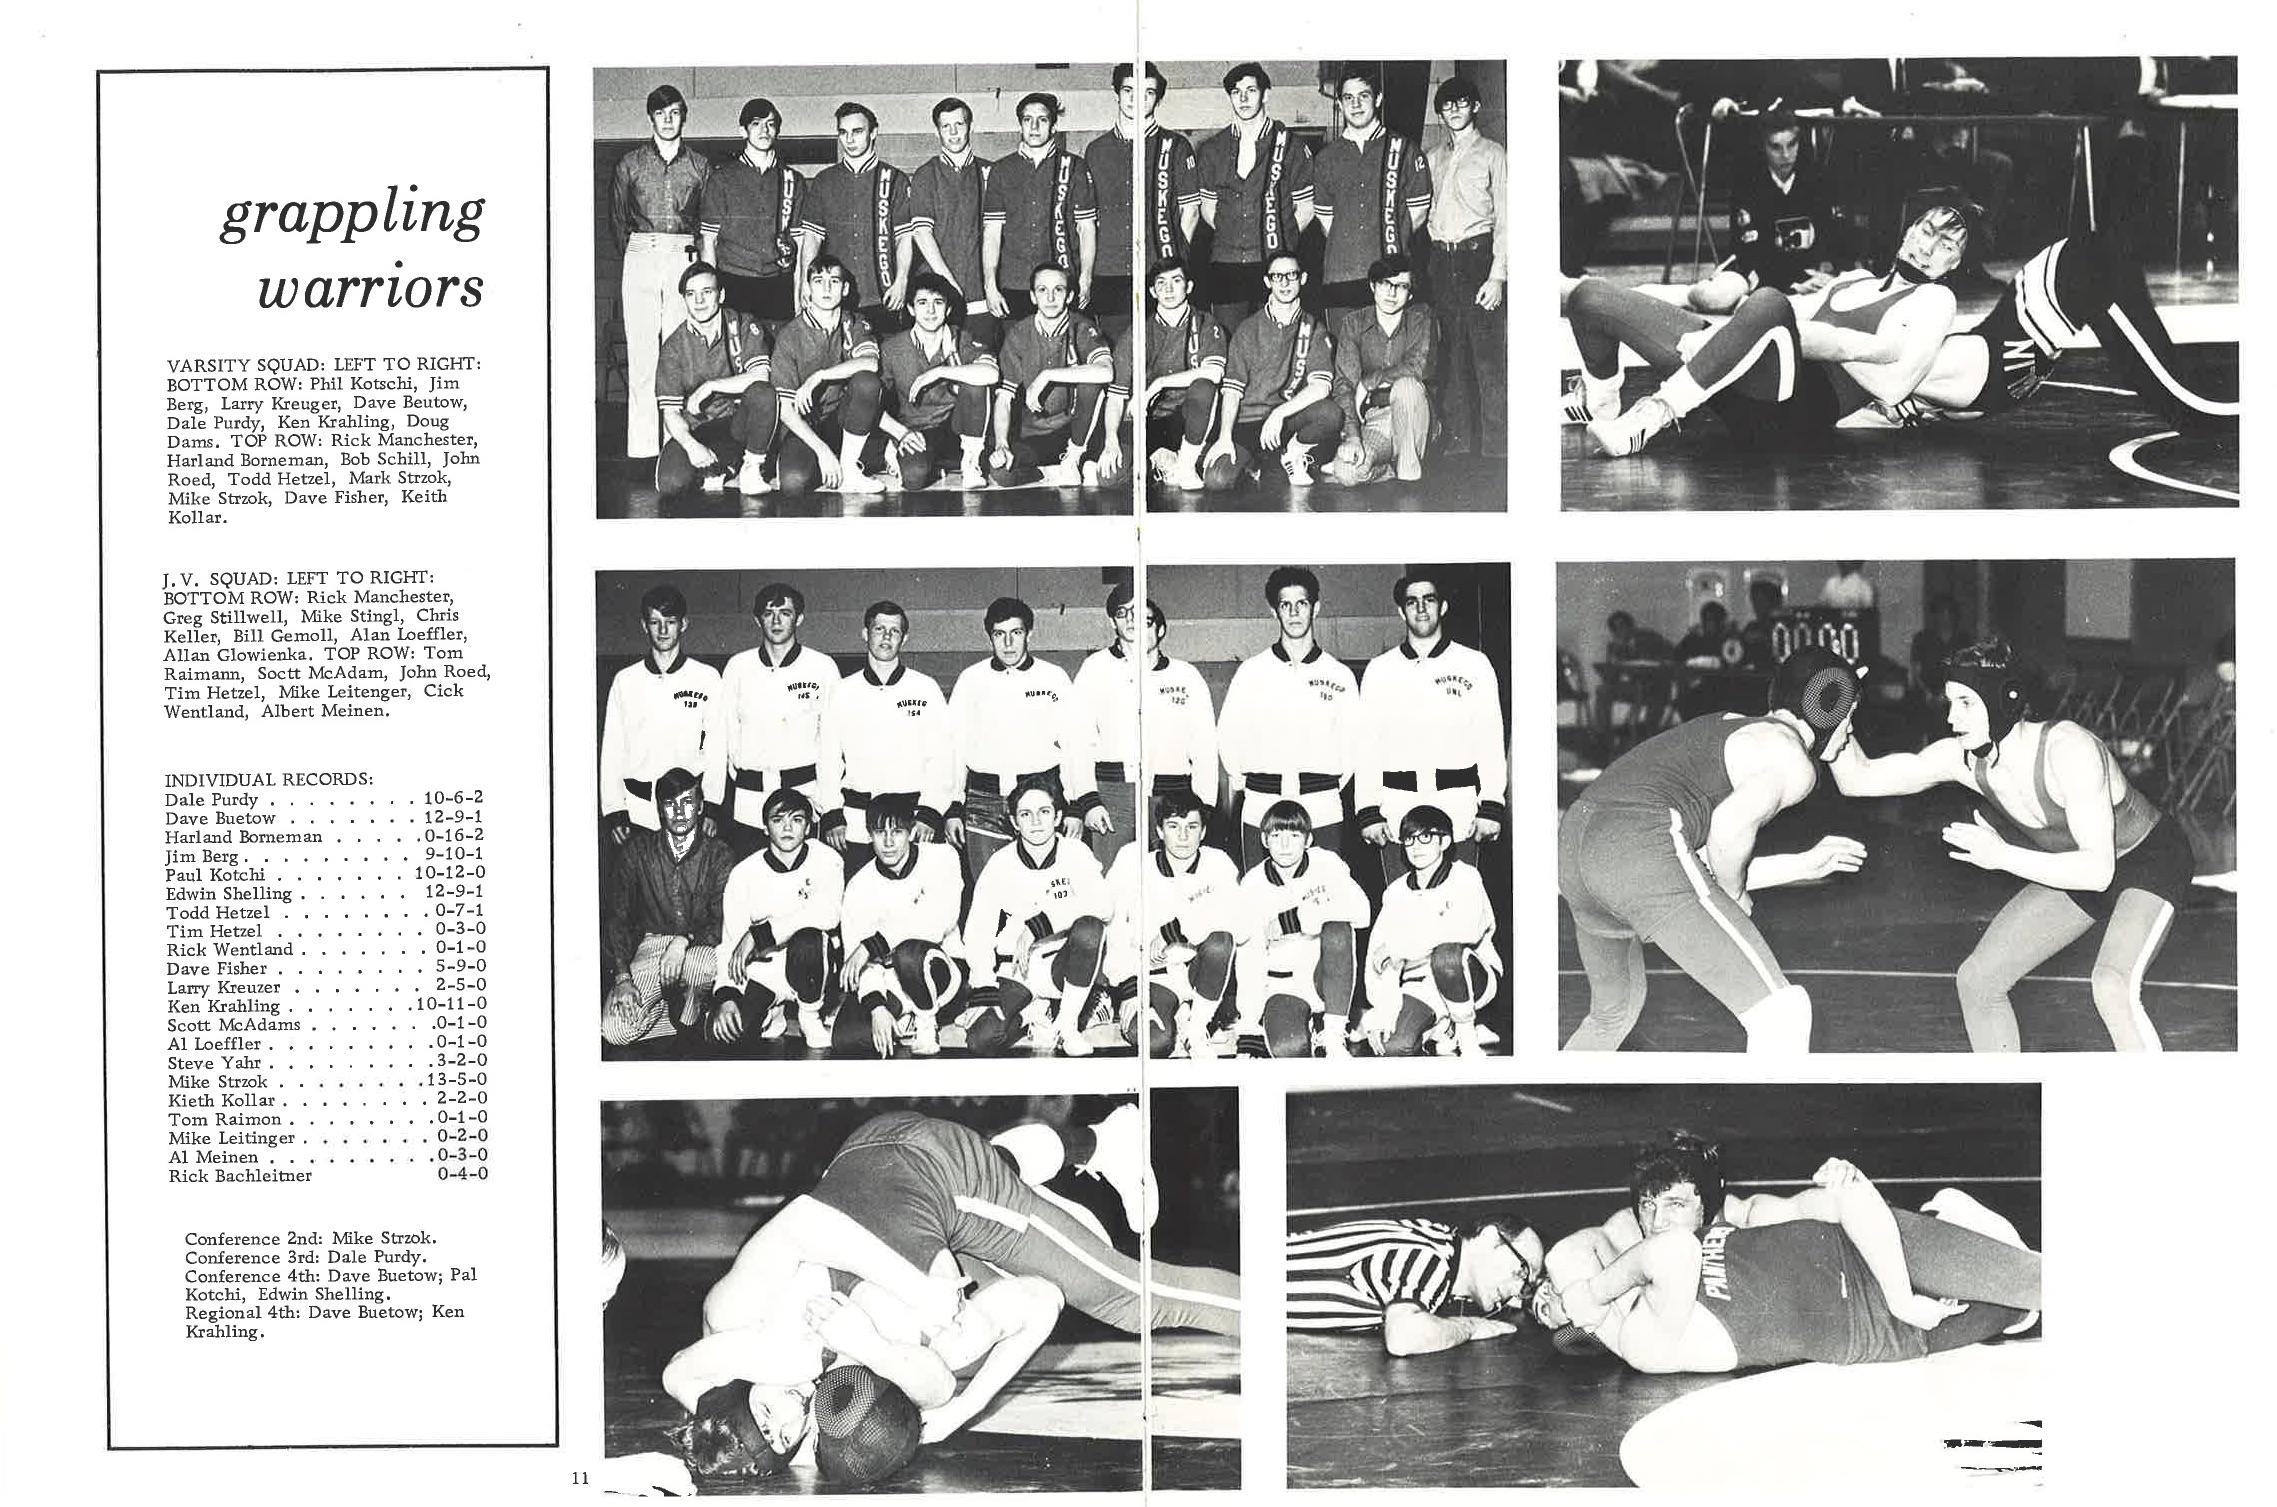 1971_Yearbook_116-117.jpg